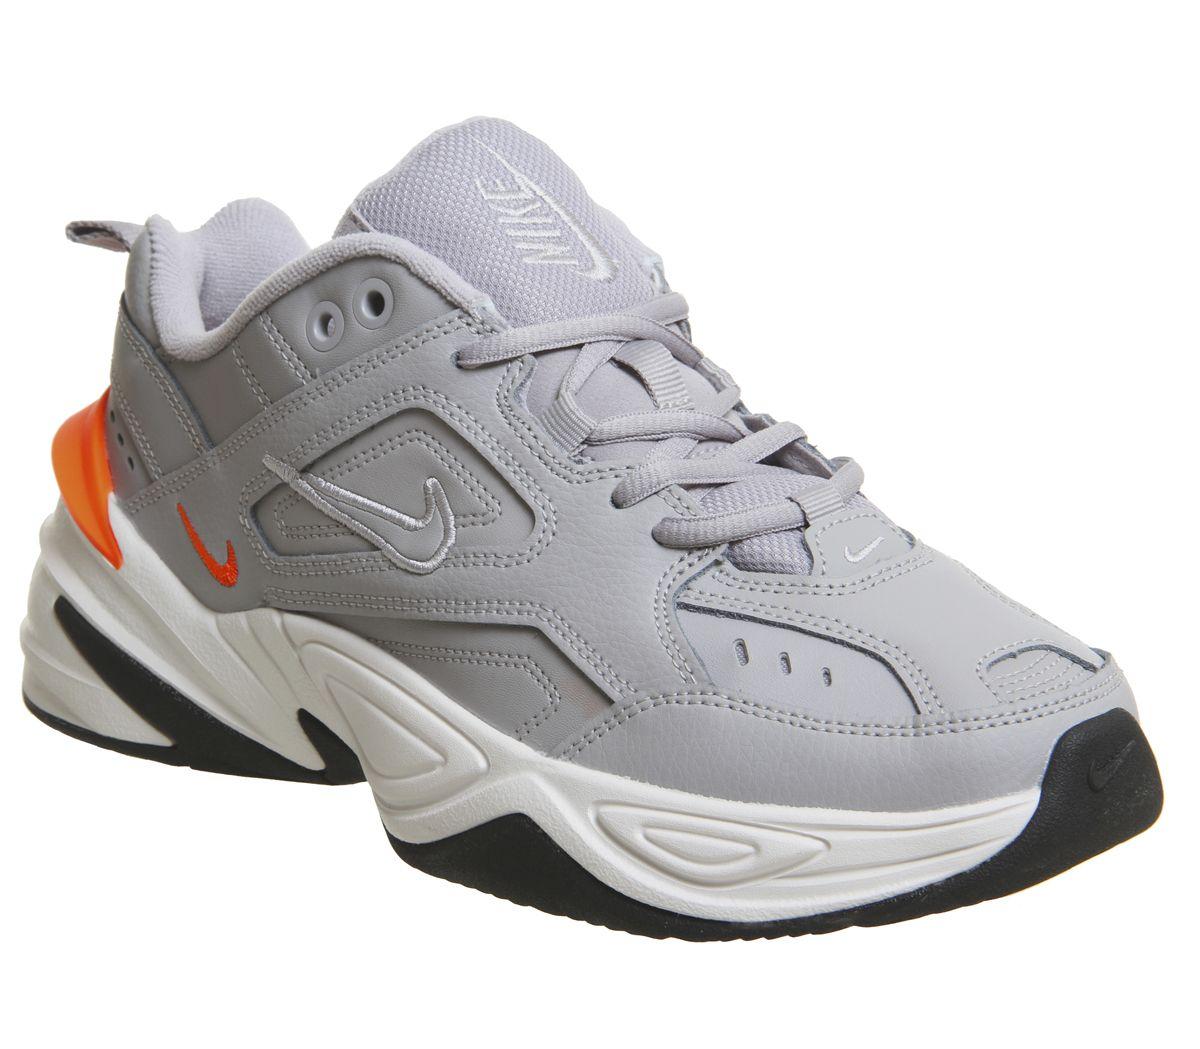 best website 15a3d 827fc Nike M2k Tekno Trainers Atmosphere Grey Phantom Total Orange - Hers ...